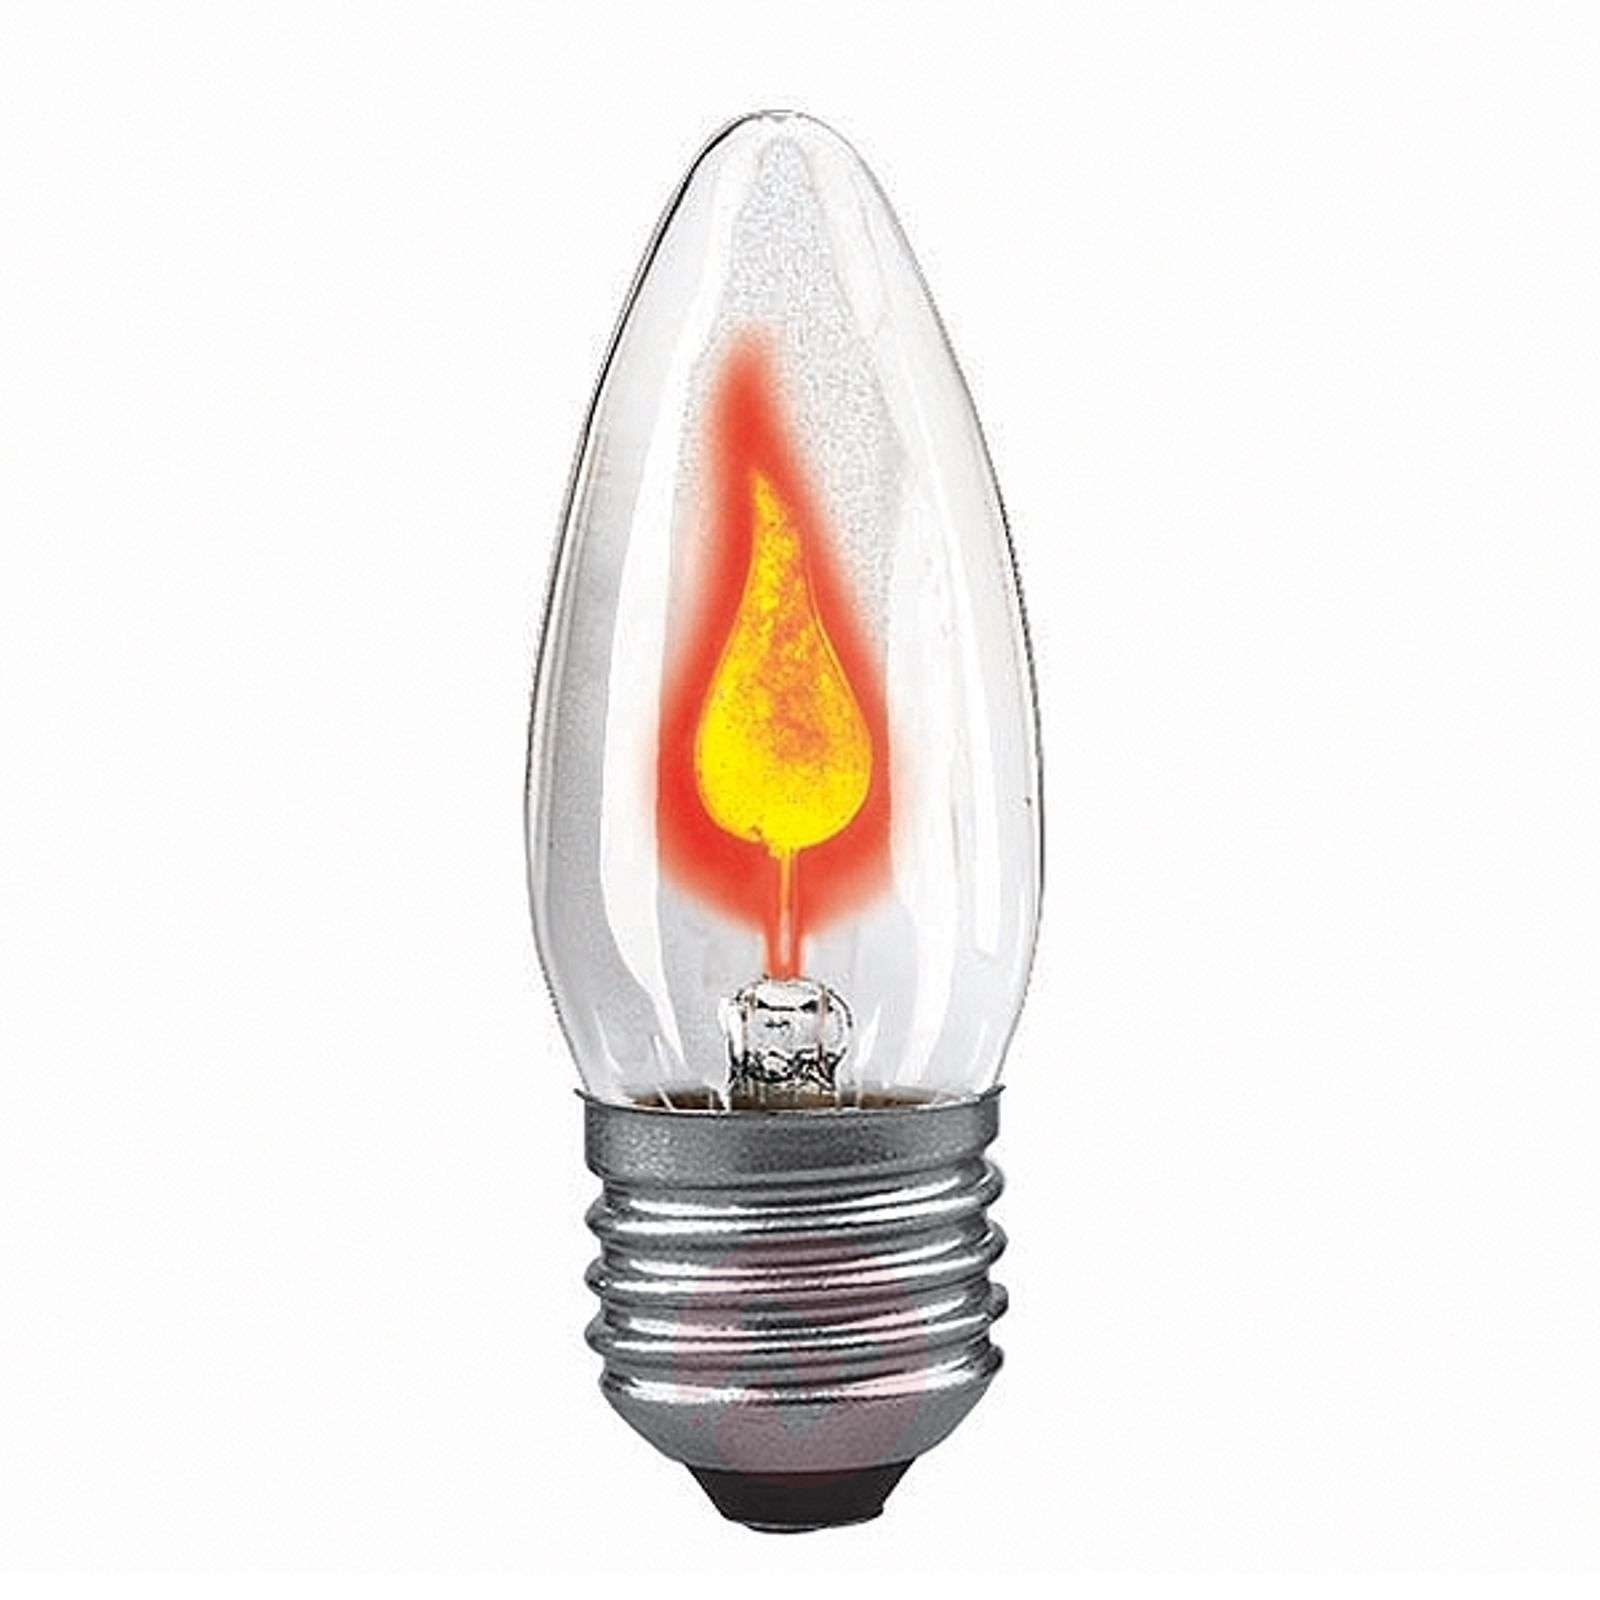 E27 3W lepattava kynttilälamppu, kirkas-7500803-01